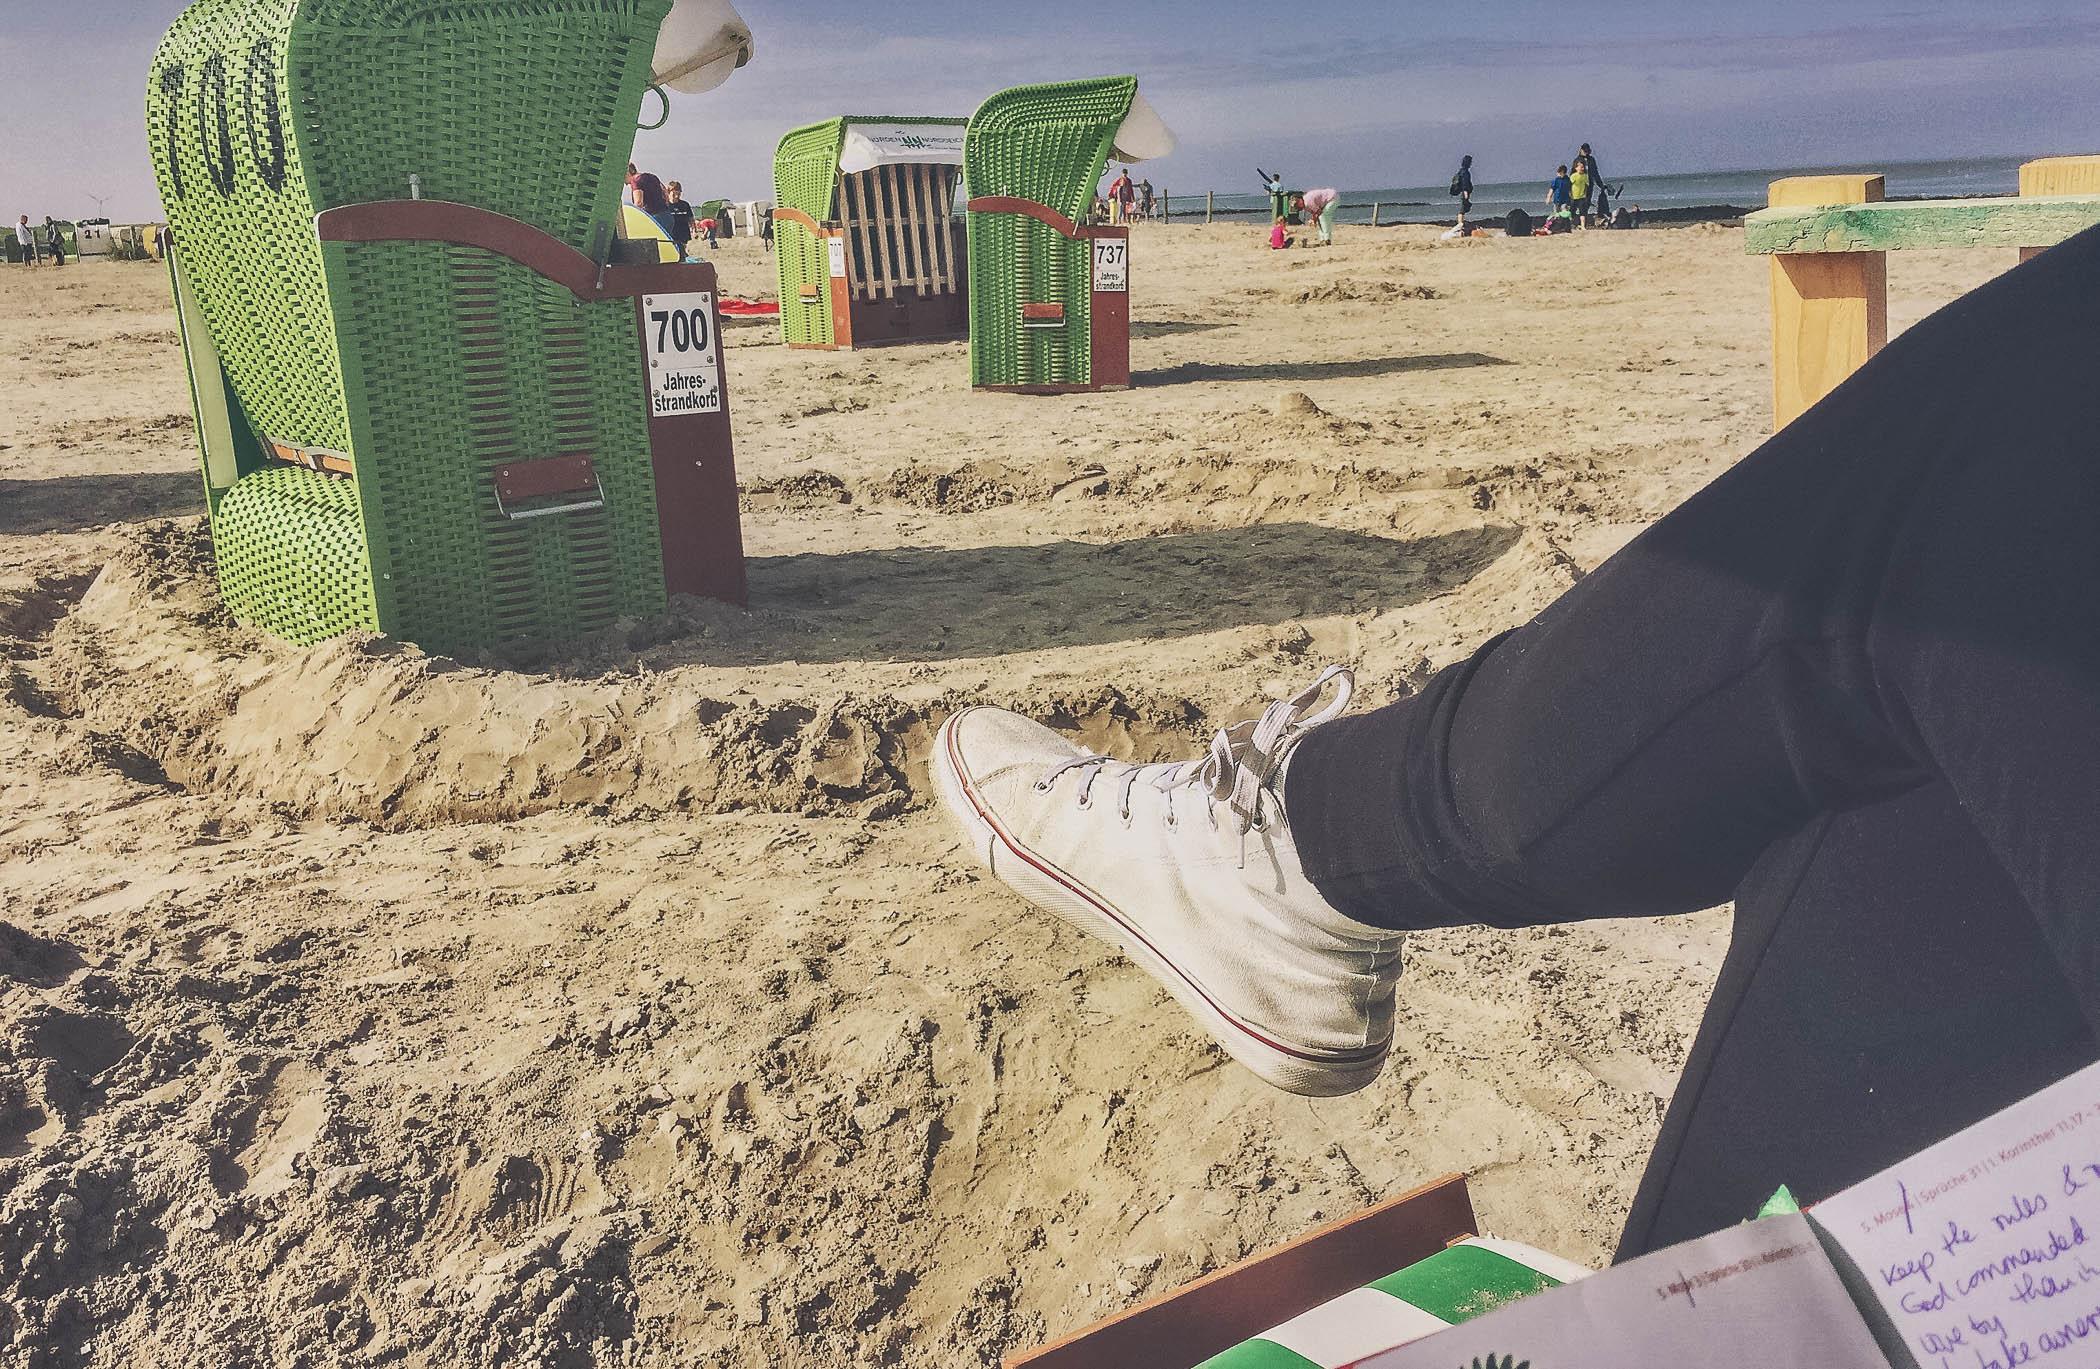 Buch lesen im Strandkorb